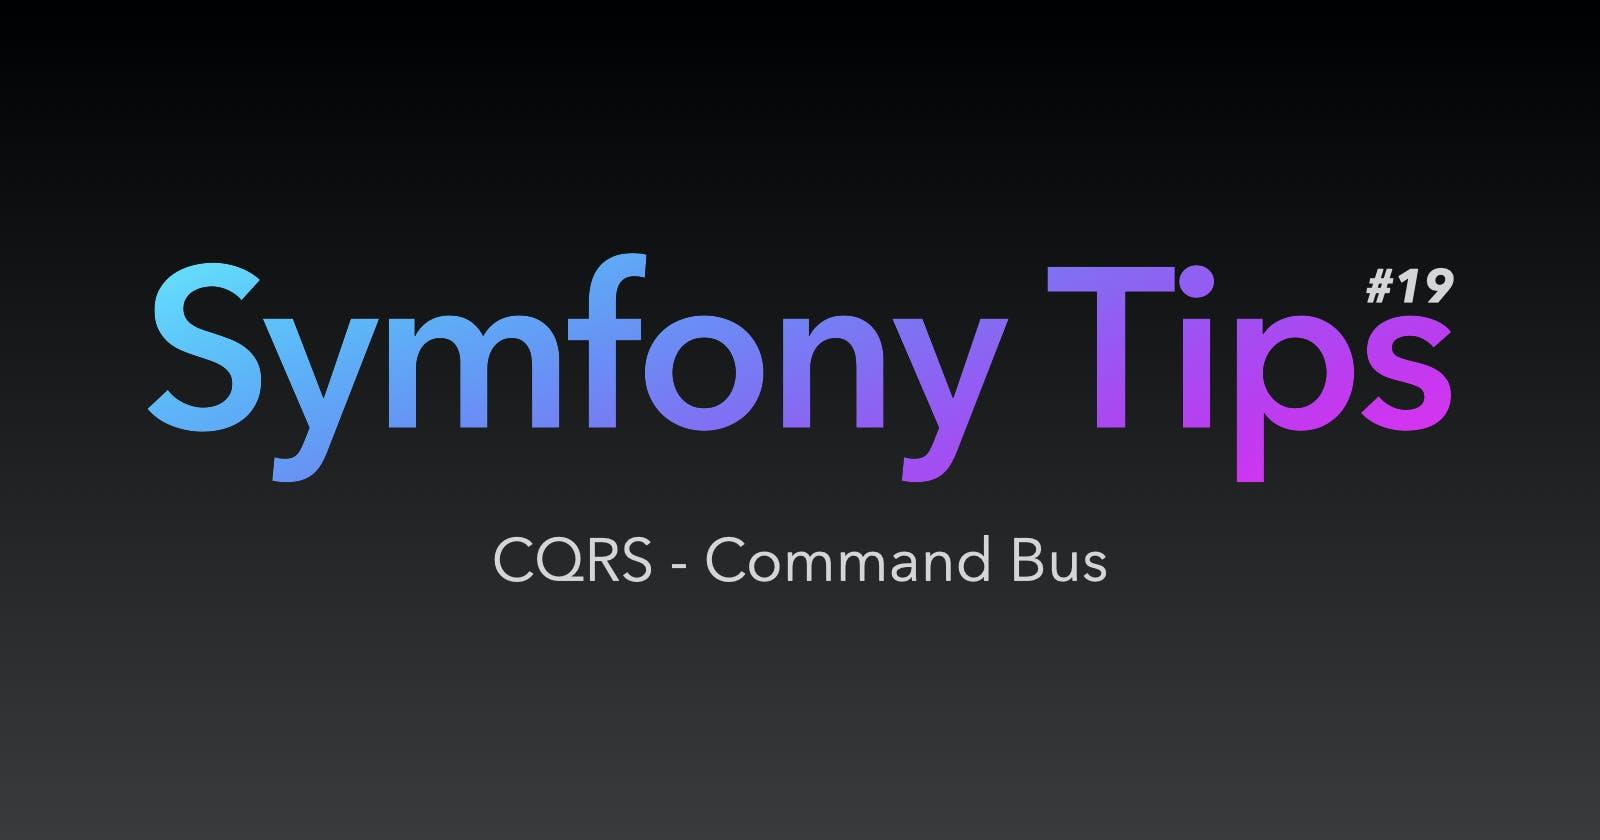 Symfony Tips #19 - CQRS - Command Bus